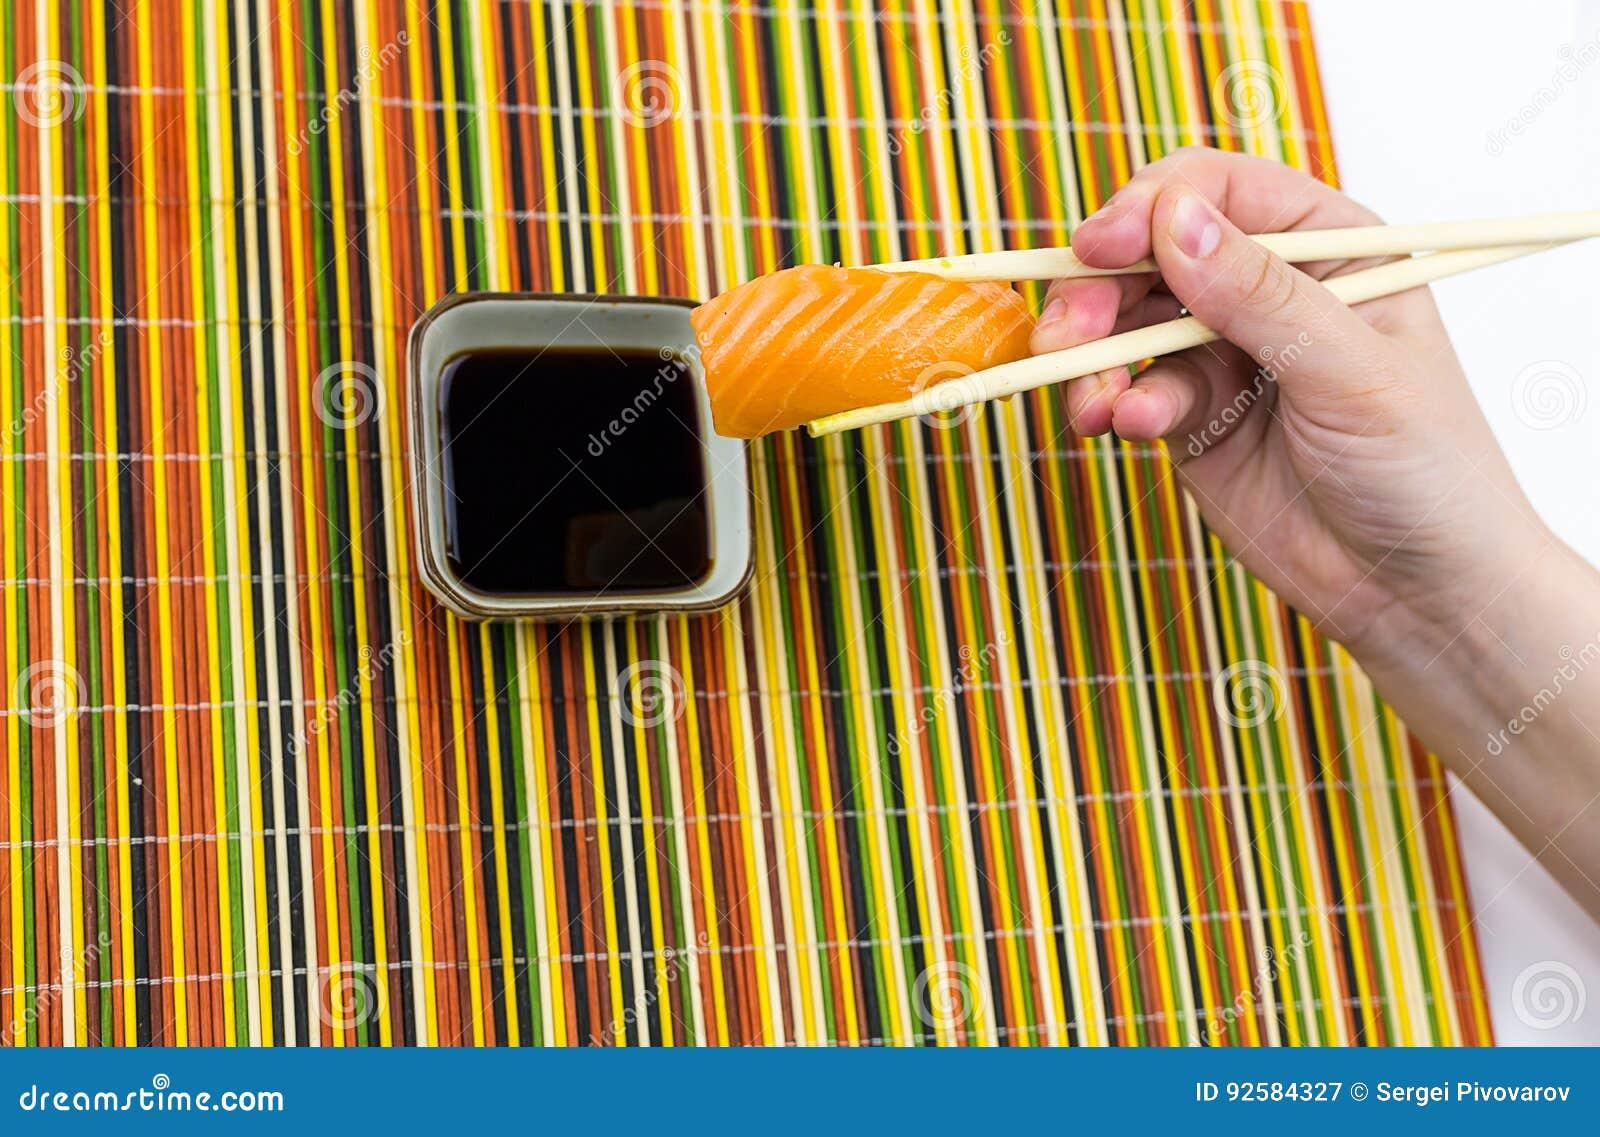 Un riso di sushi delizioso e una fetta di salmone, tenenti i bastoni di bambù in sua mano, è abbassato in una ciotola con la sals